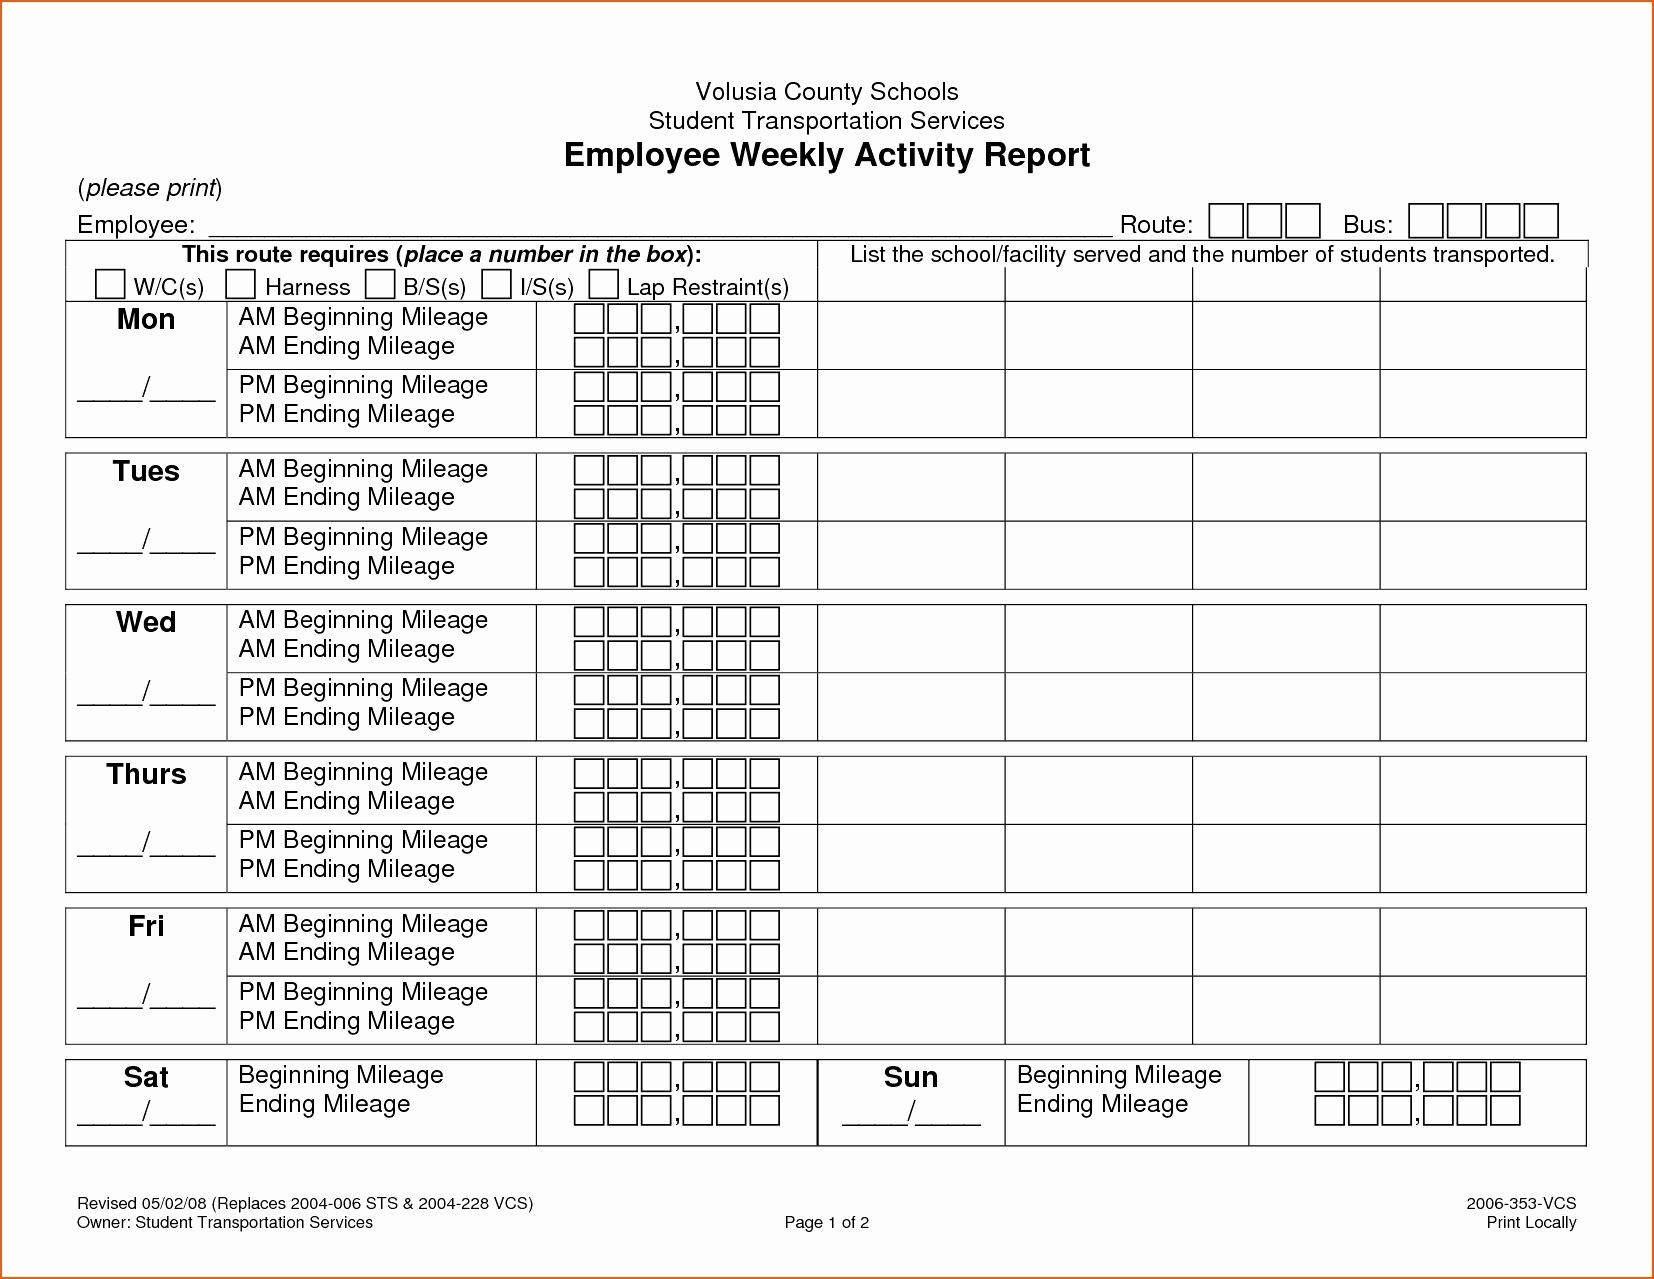 Golf Score Analysis Spreadsheet Intended For Golf Score Analysis Spreadsheet Unique Golf Score Tracking